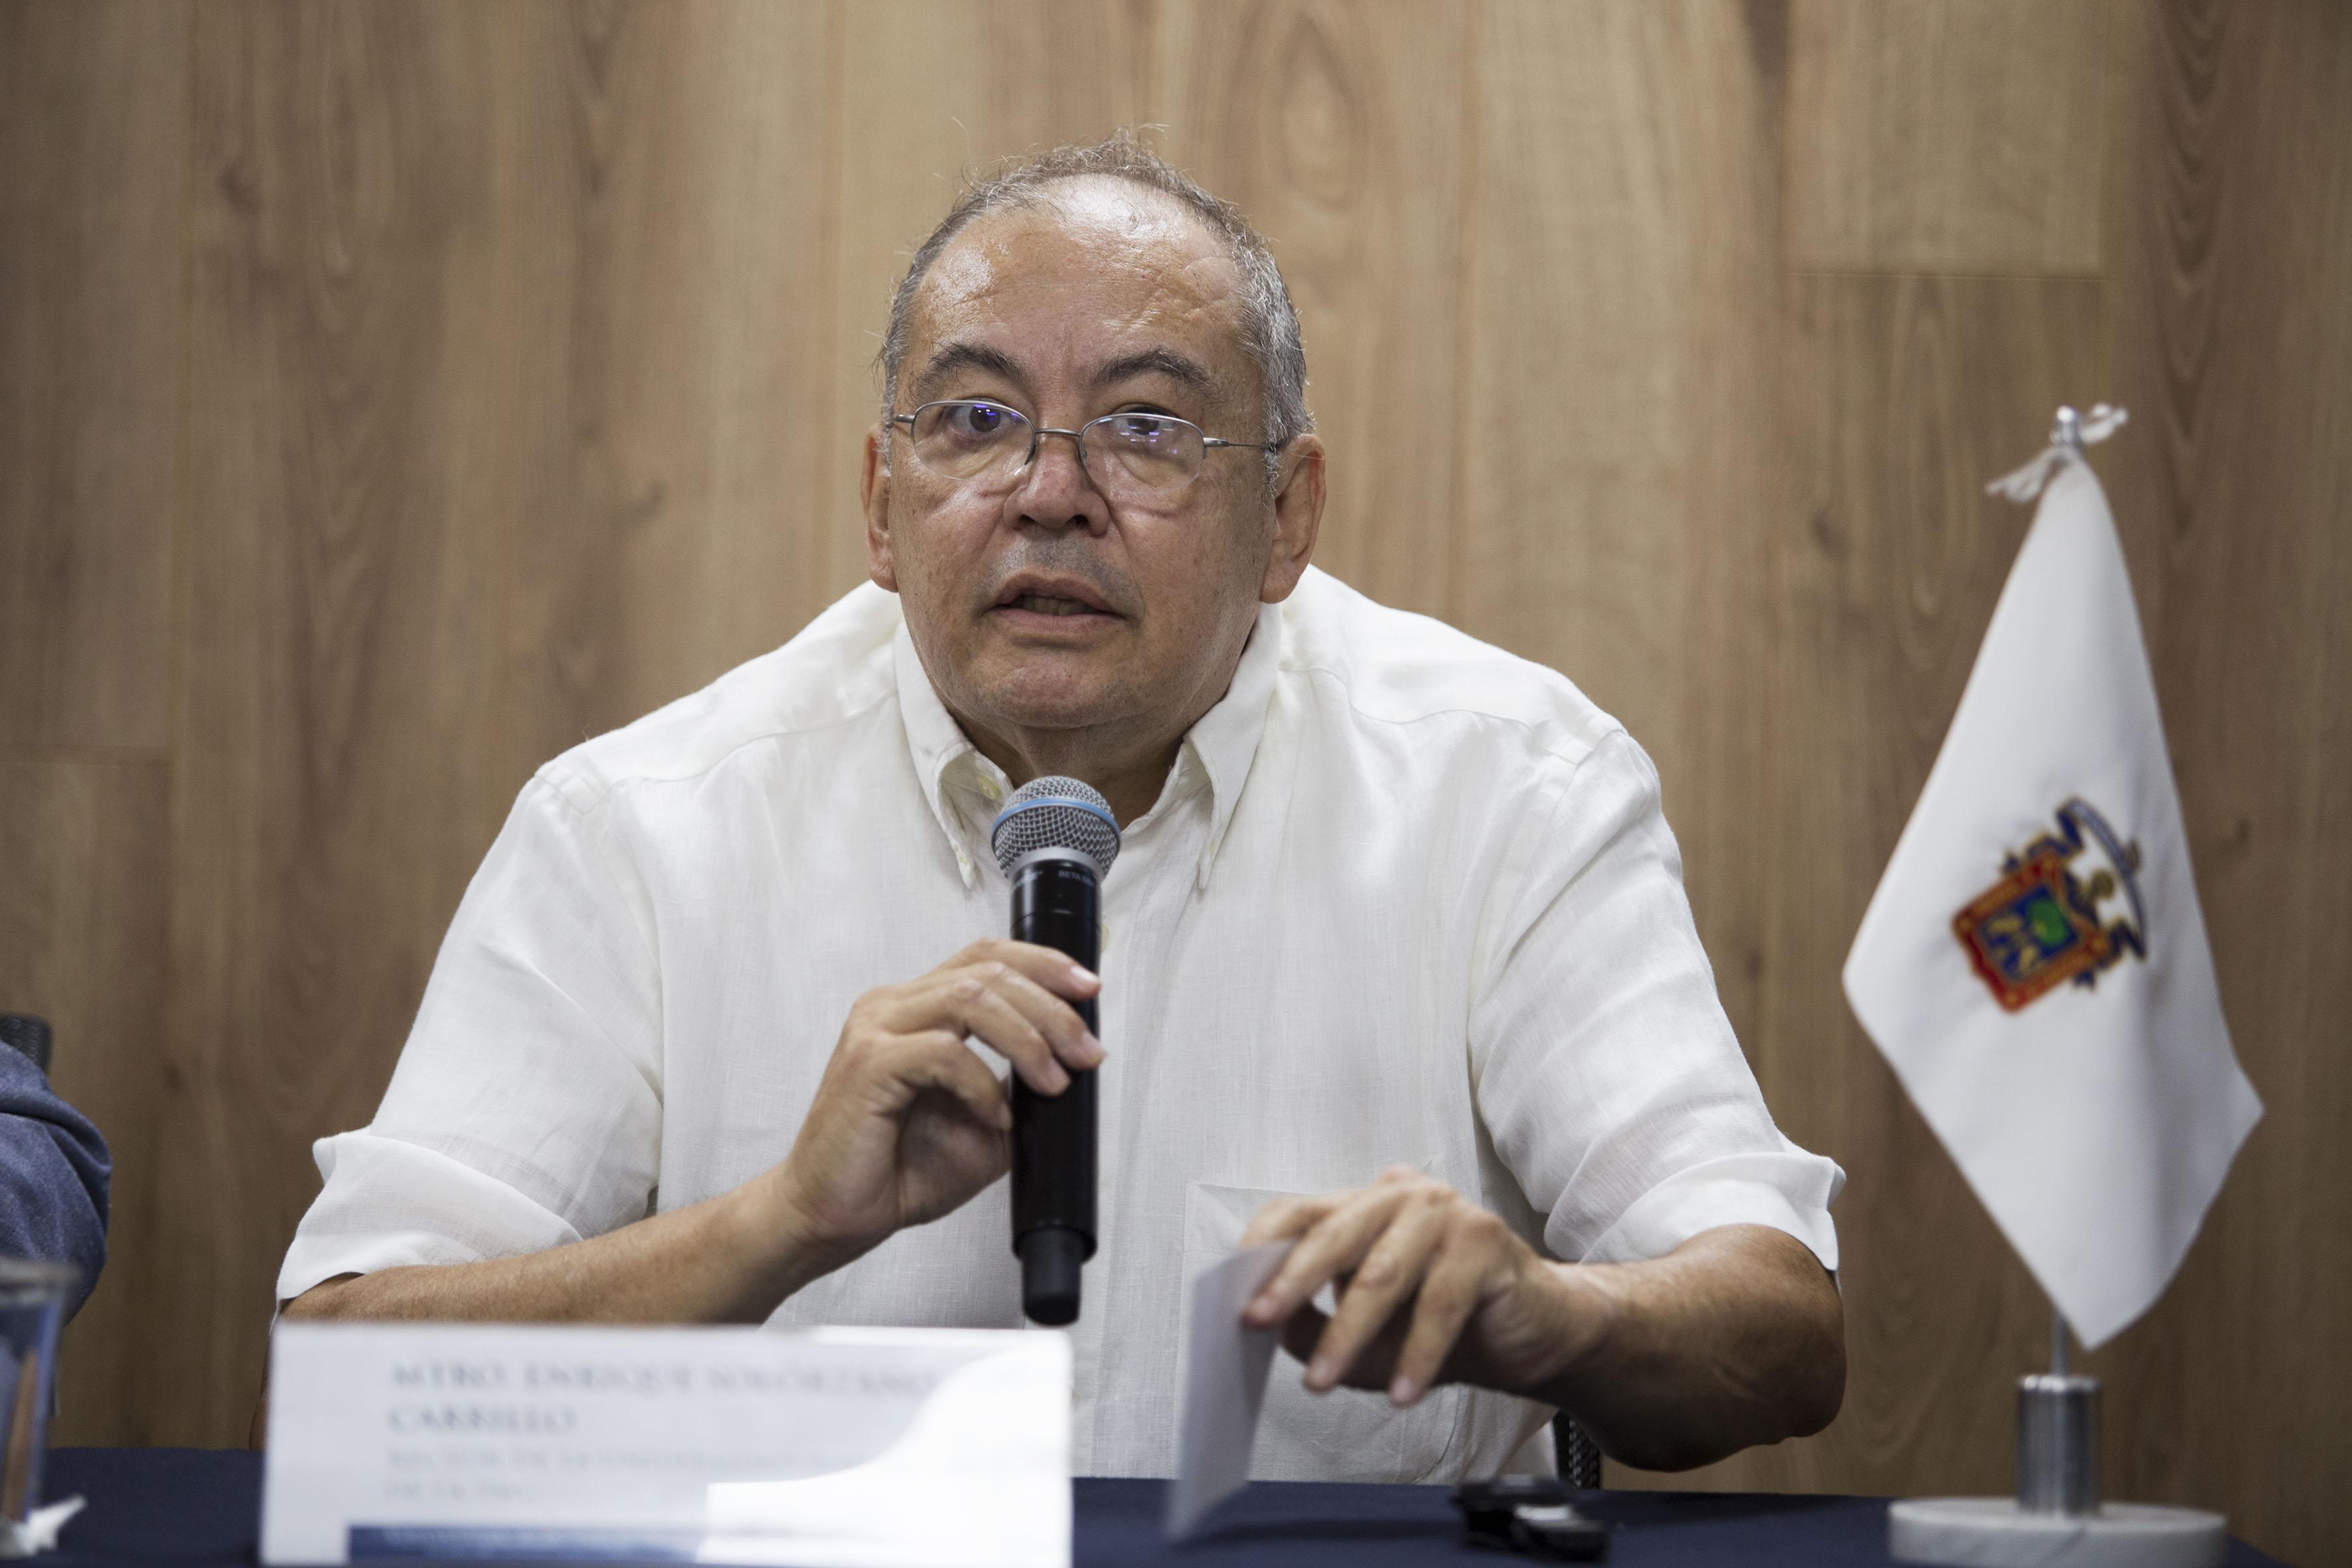 Rector de la Universidad Politécnica de la Zona Metropolitana de Guadalajara, maestro Enrique Solórzano Carrillo